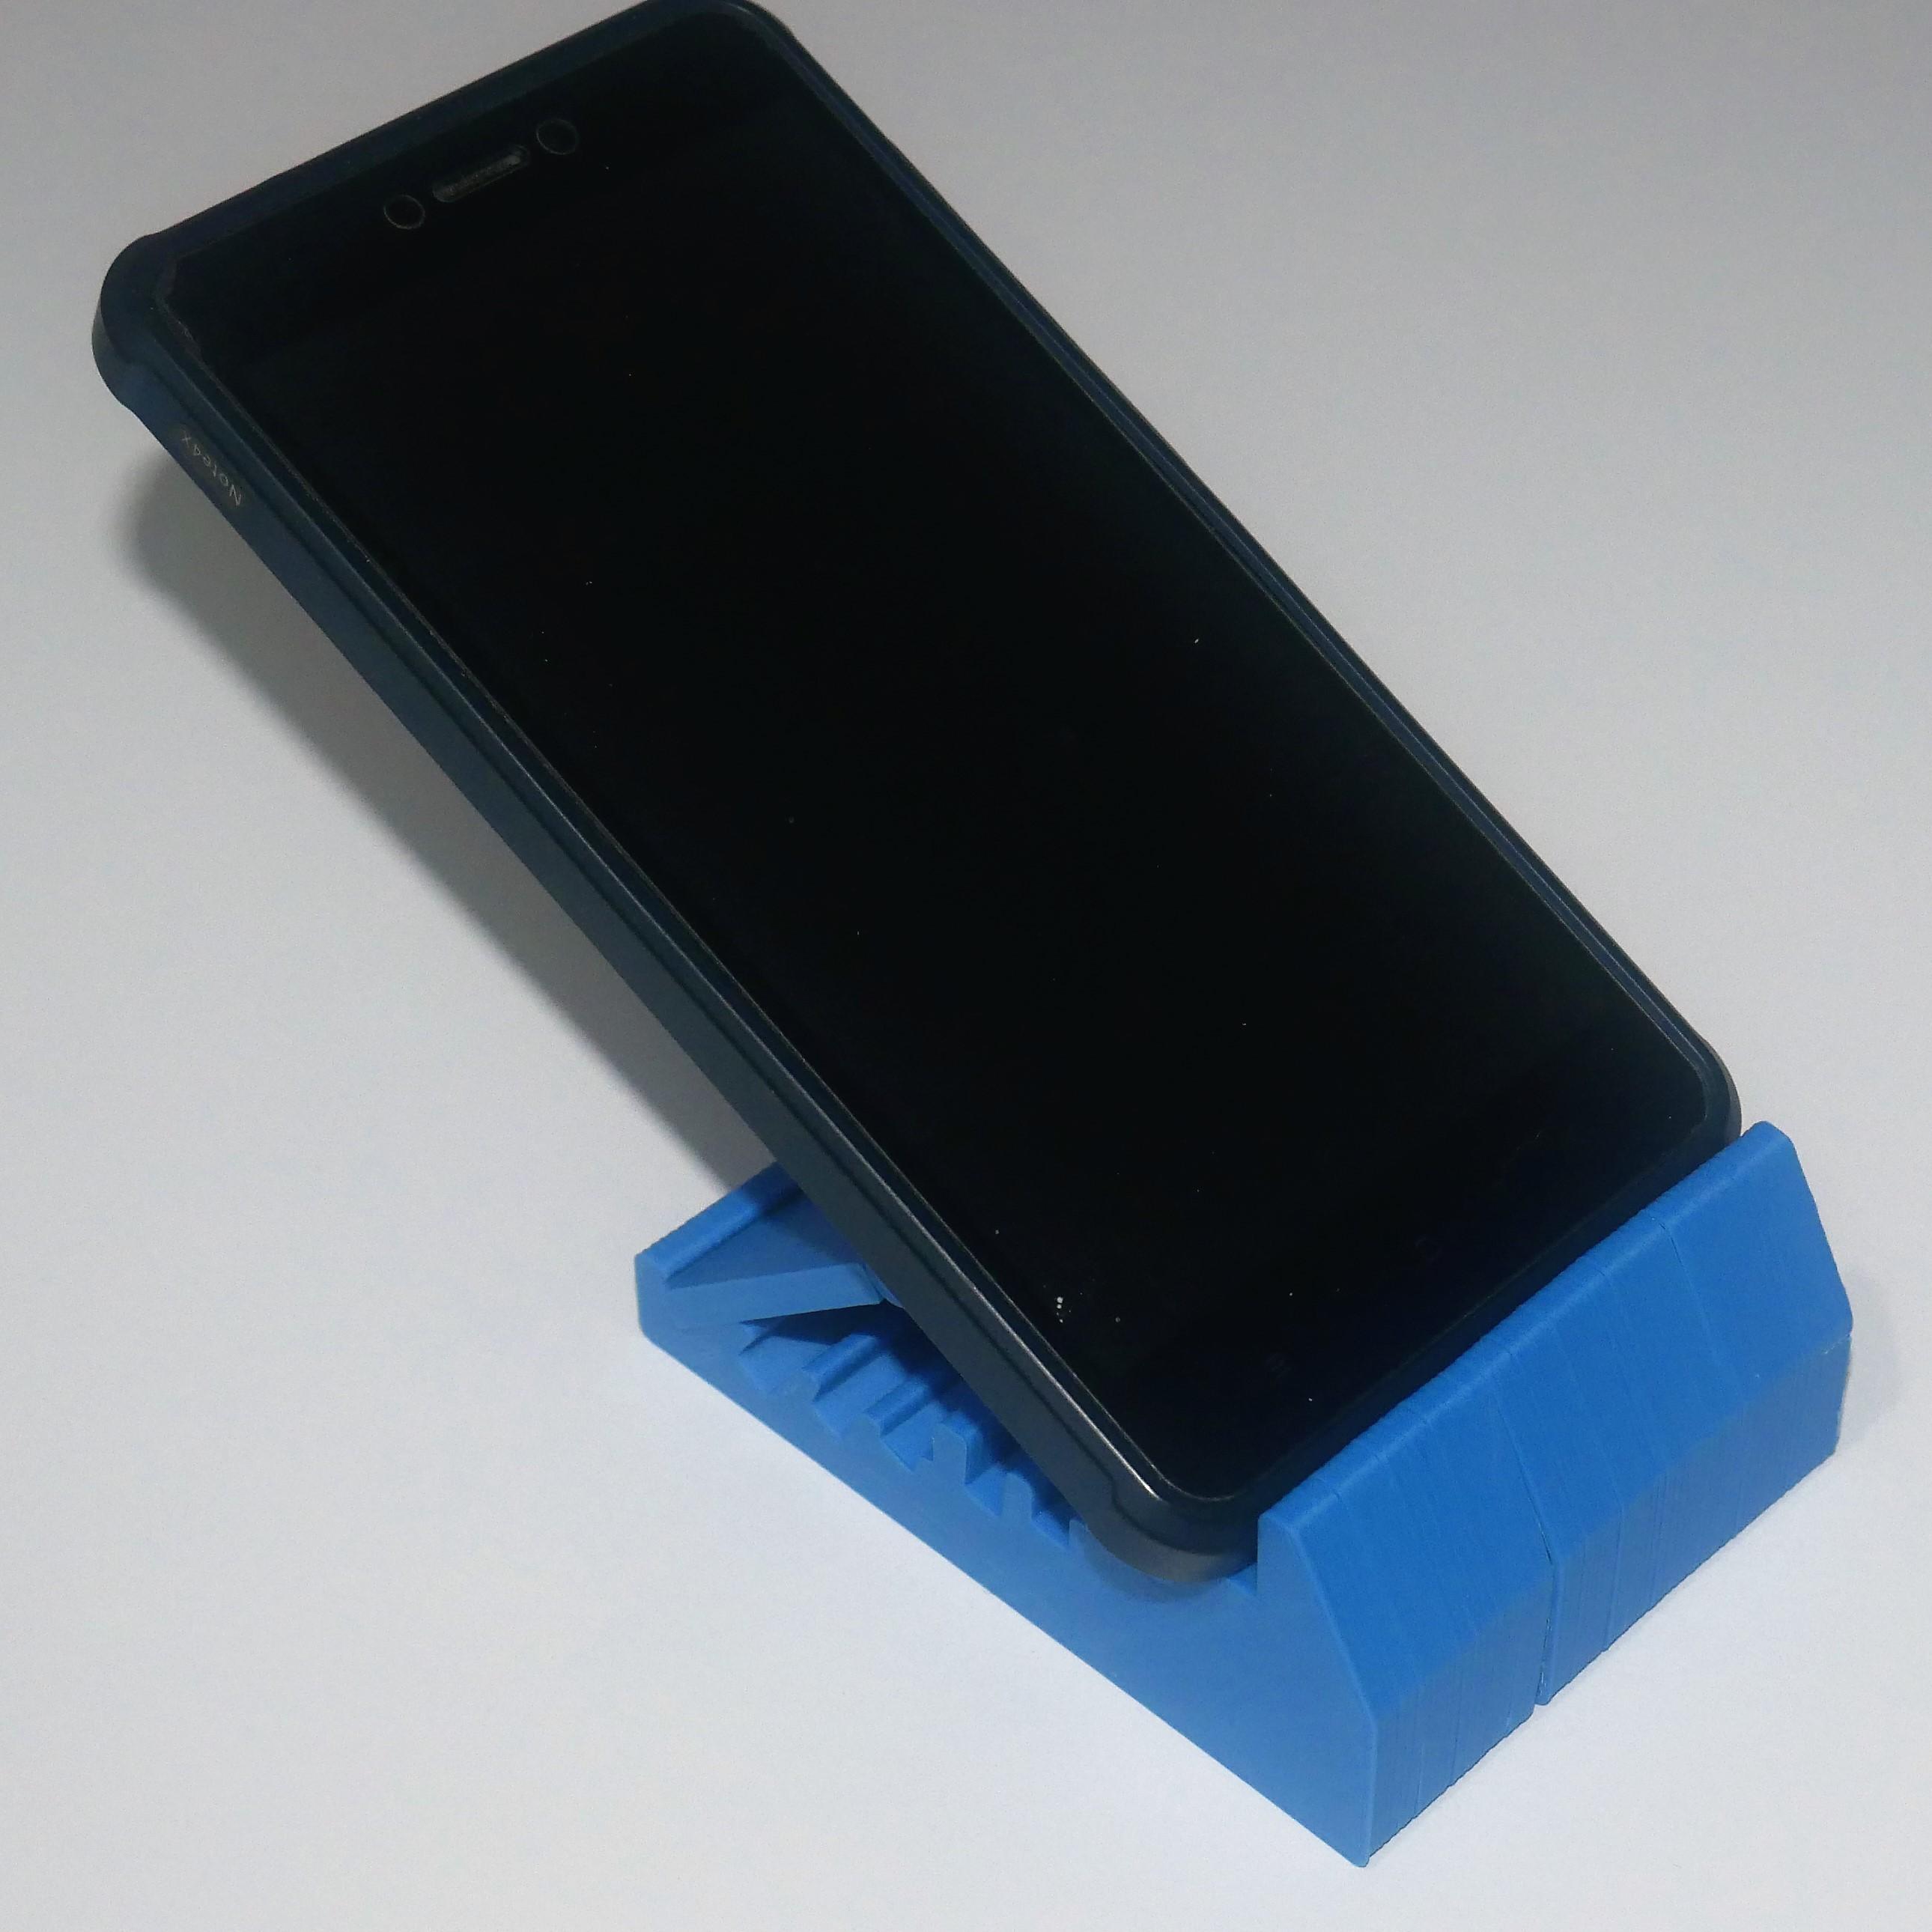 P1000526.JPG Download STL file Adjustable Device Holder[LIFE HACK] • 3D printable design, 3DKSTRO